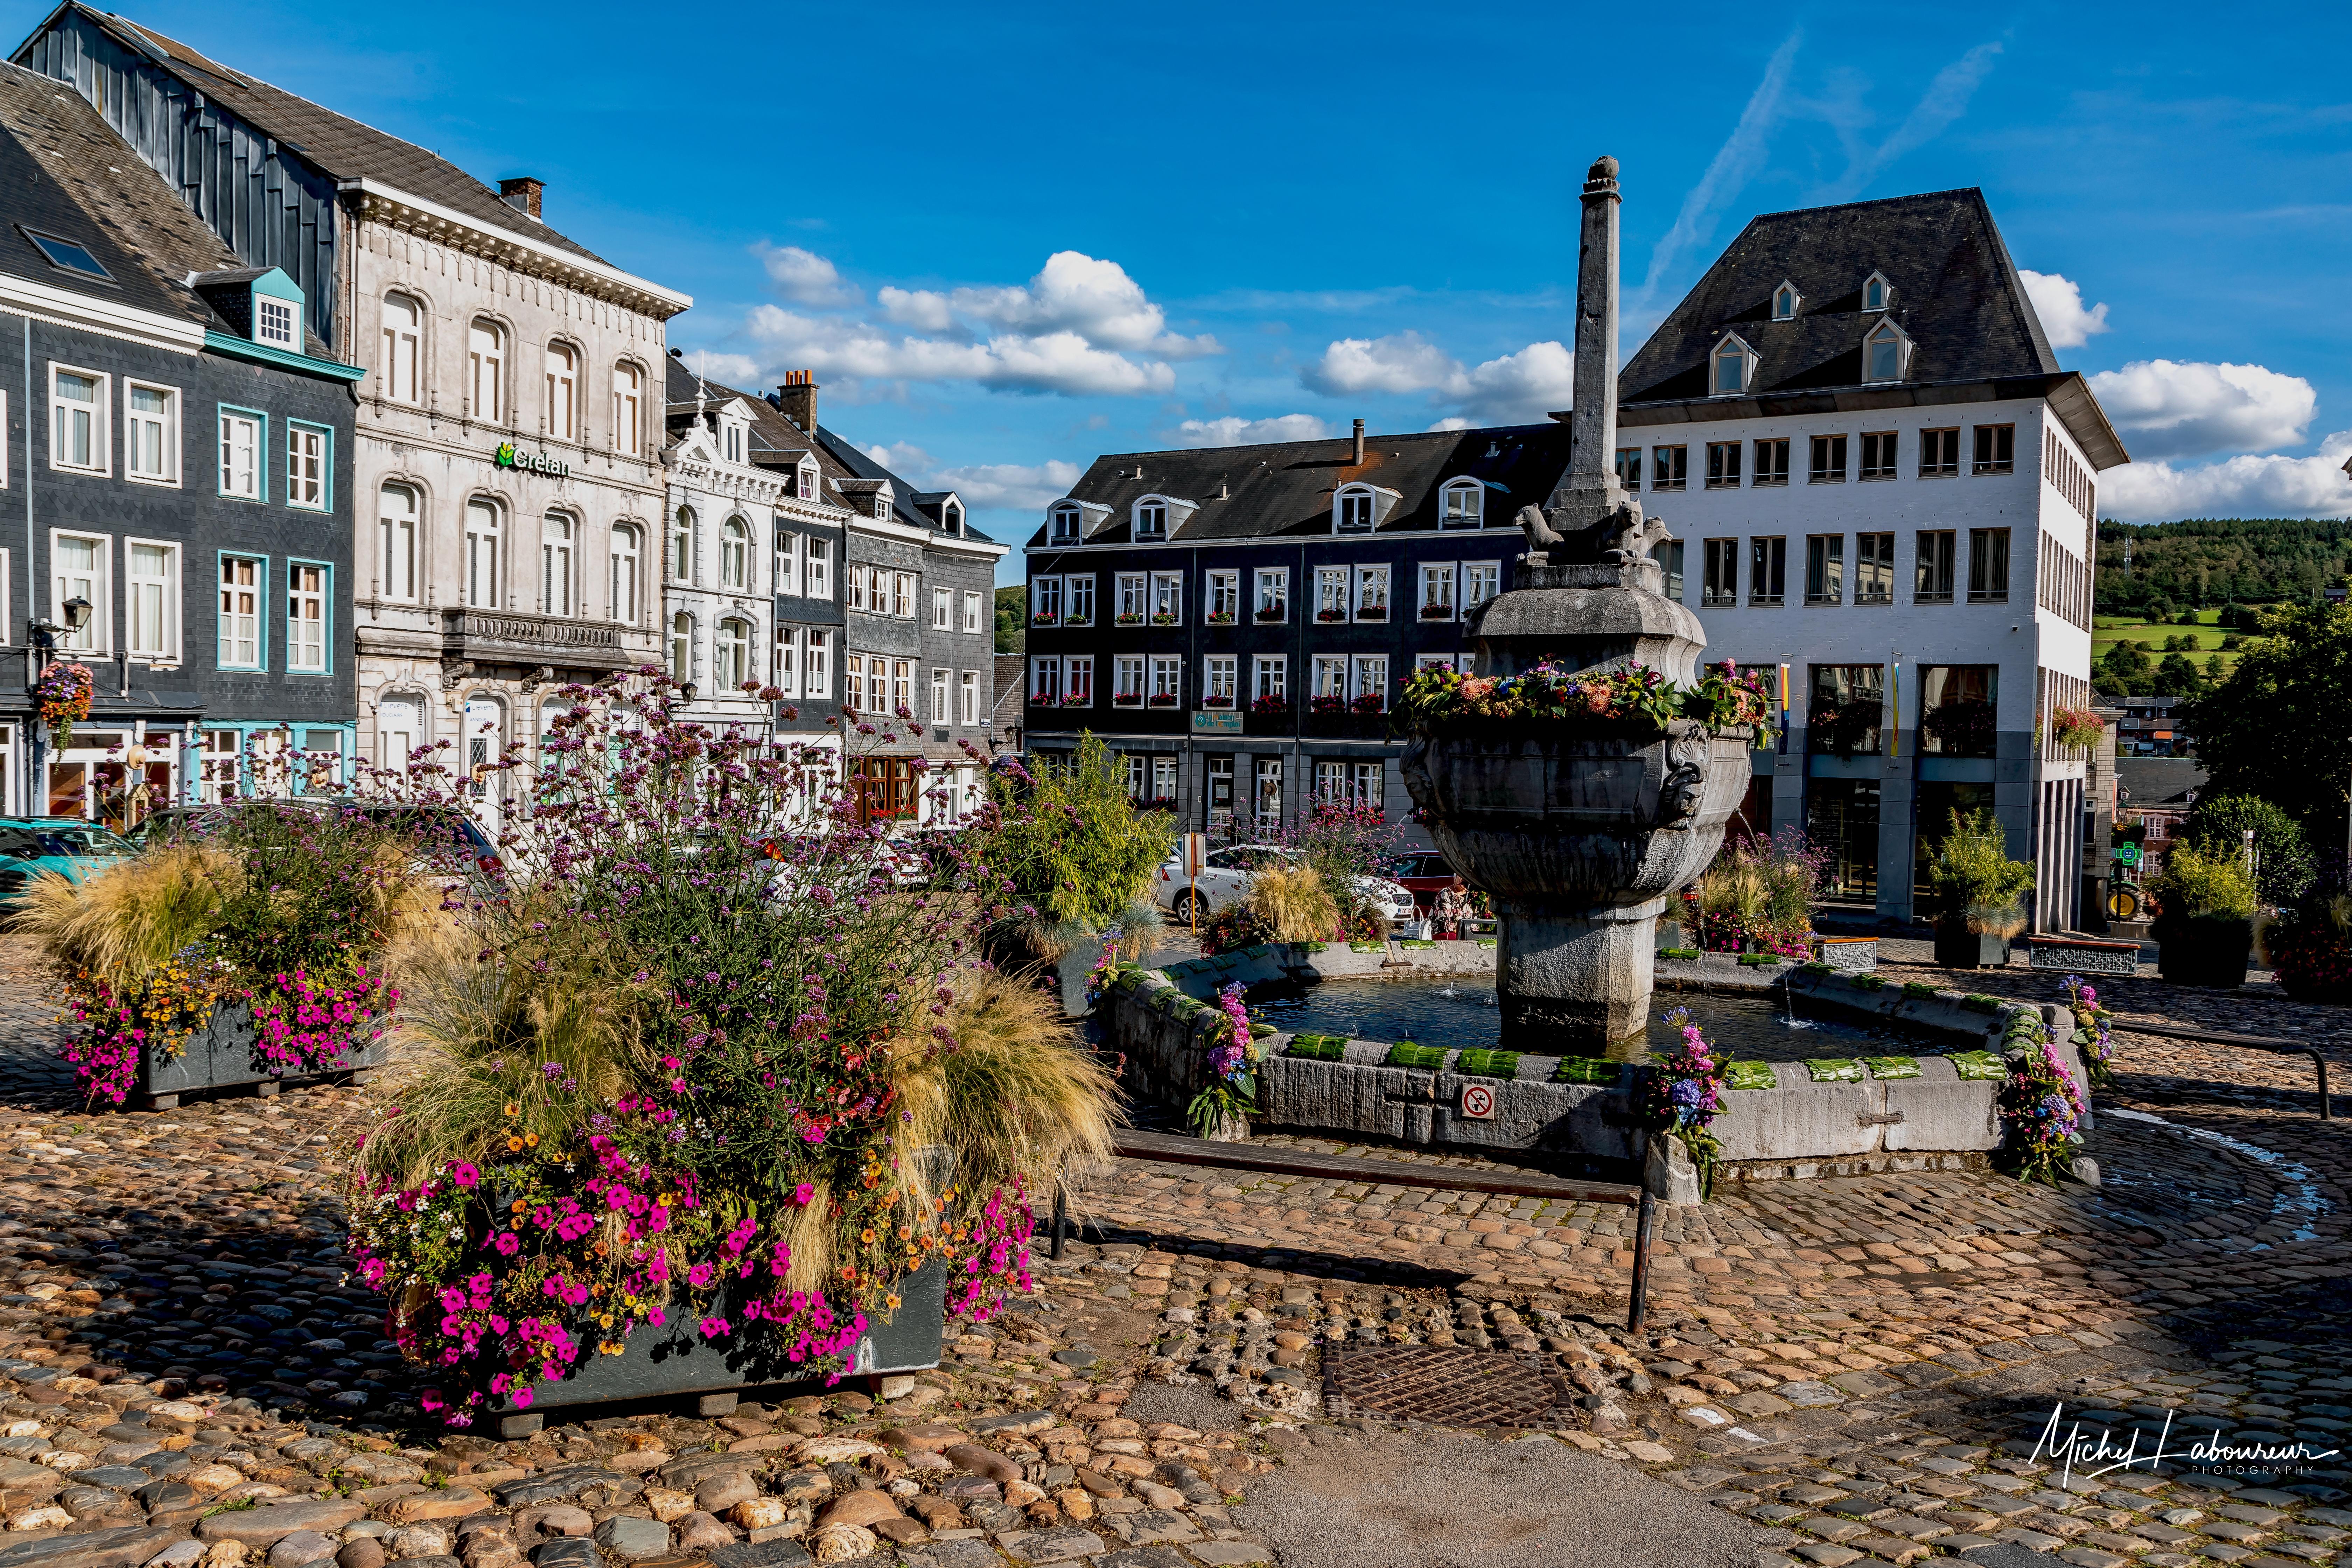 place-saint-remacle-fleurs-ville-stavelot-centre-hotel-de-pavés-perron-fontaine-couleurs